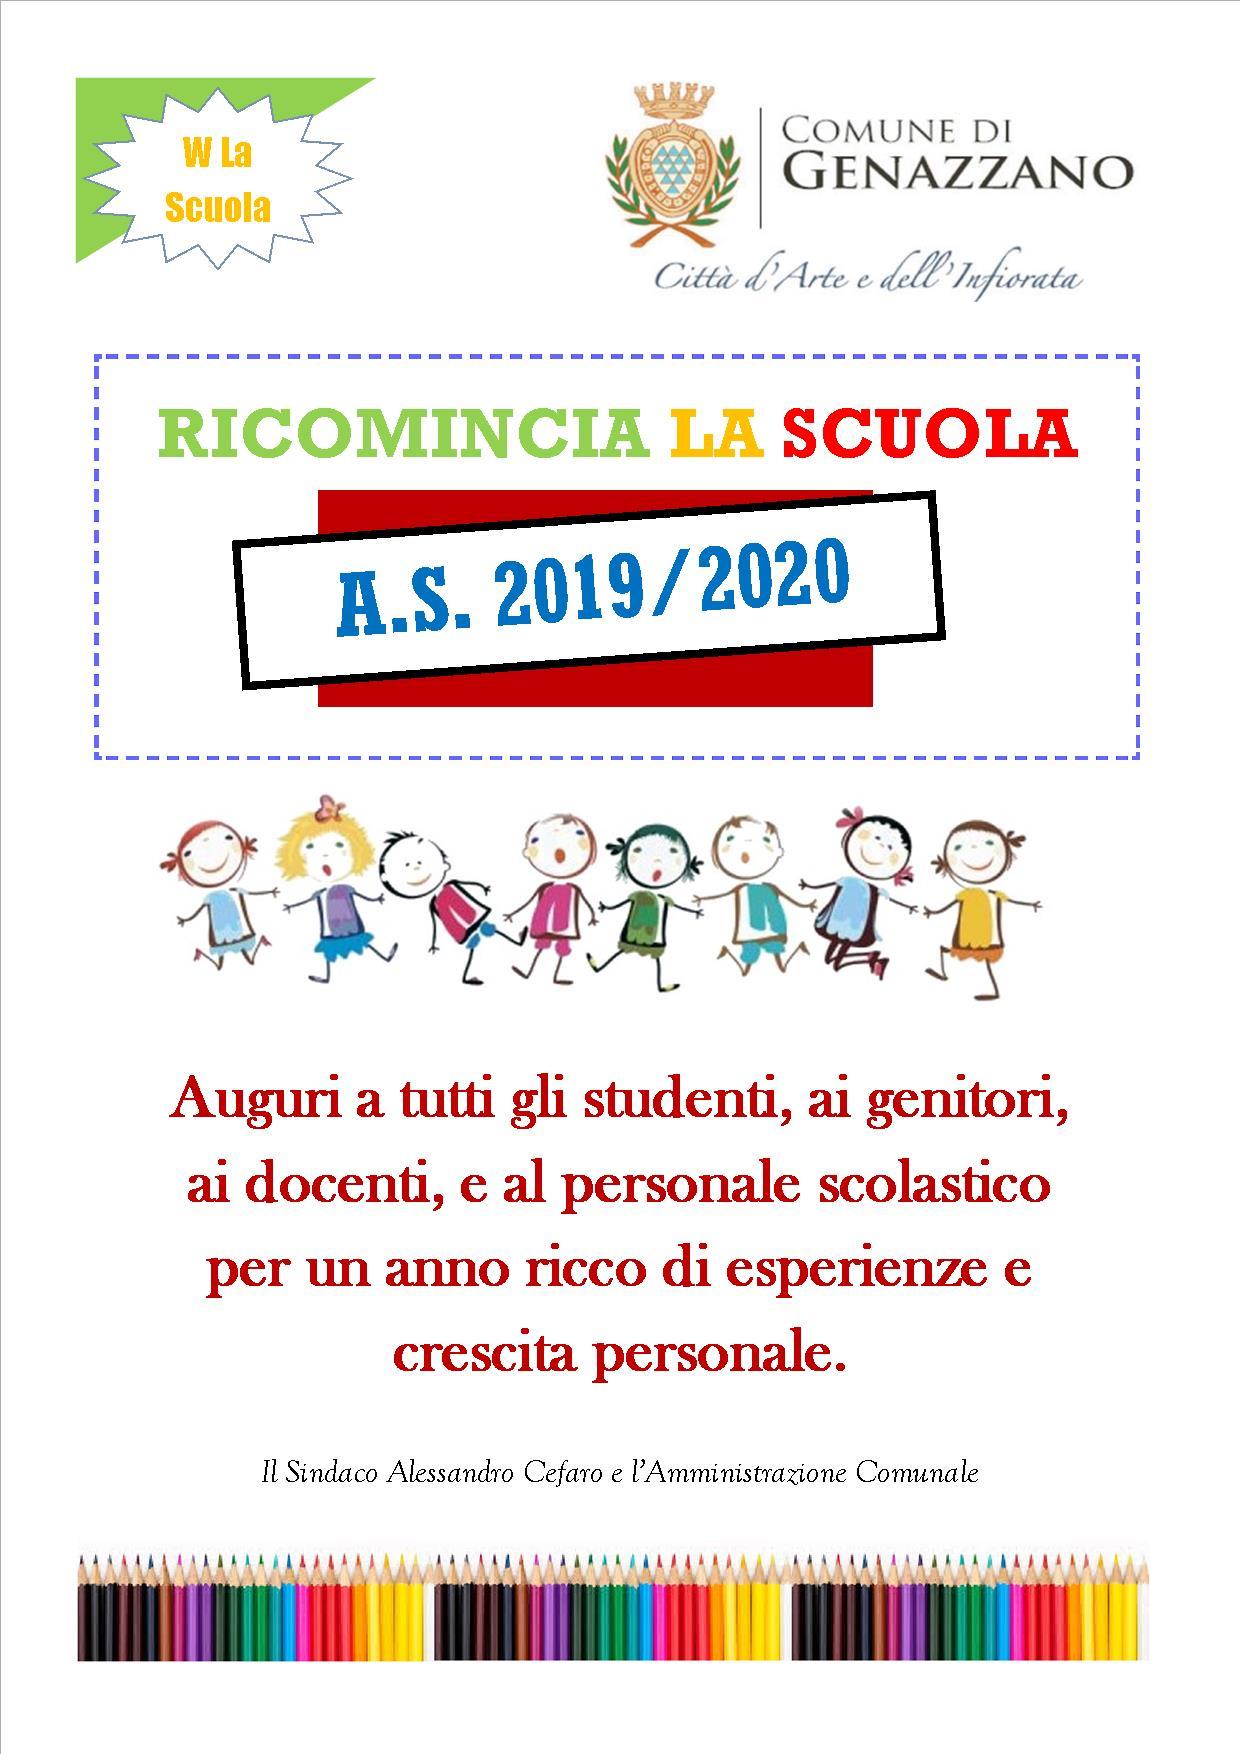 https://www.genazzano.org/immagini_news/16-09-2019/1568636271-313-.jpg